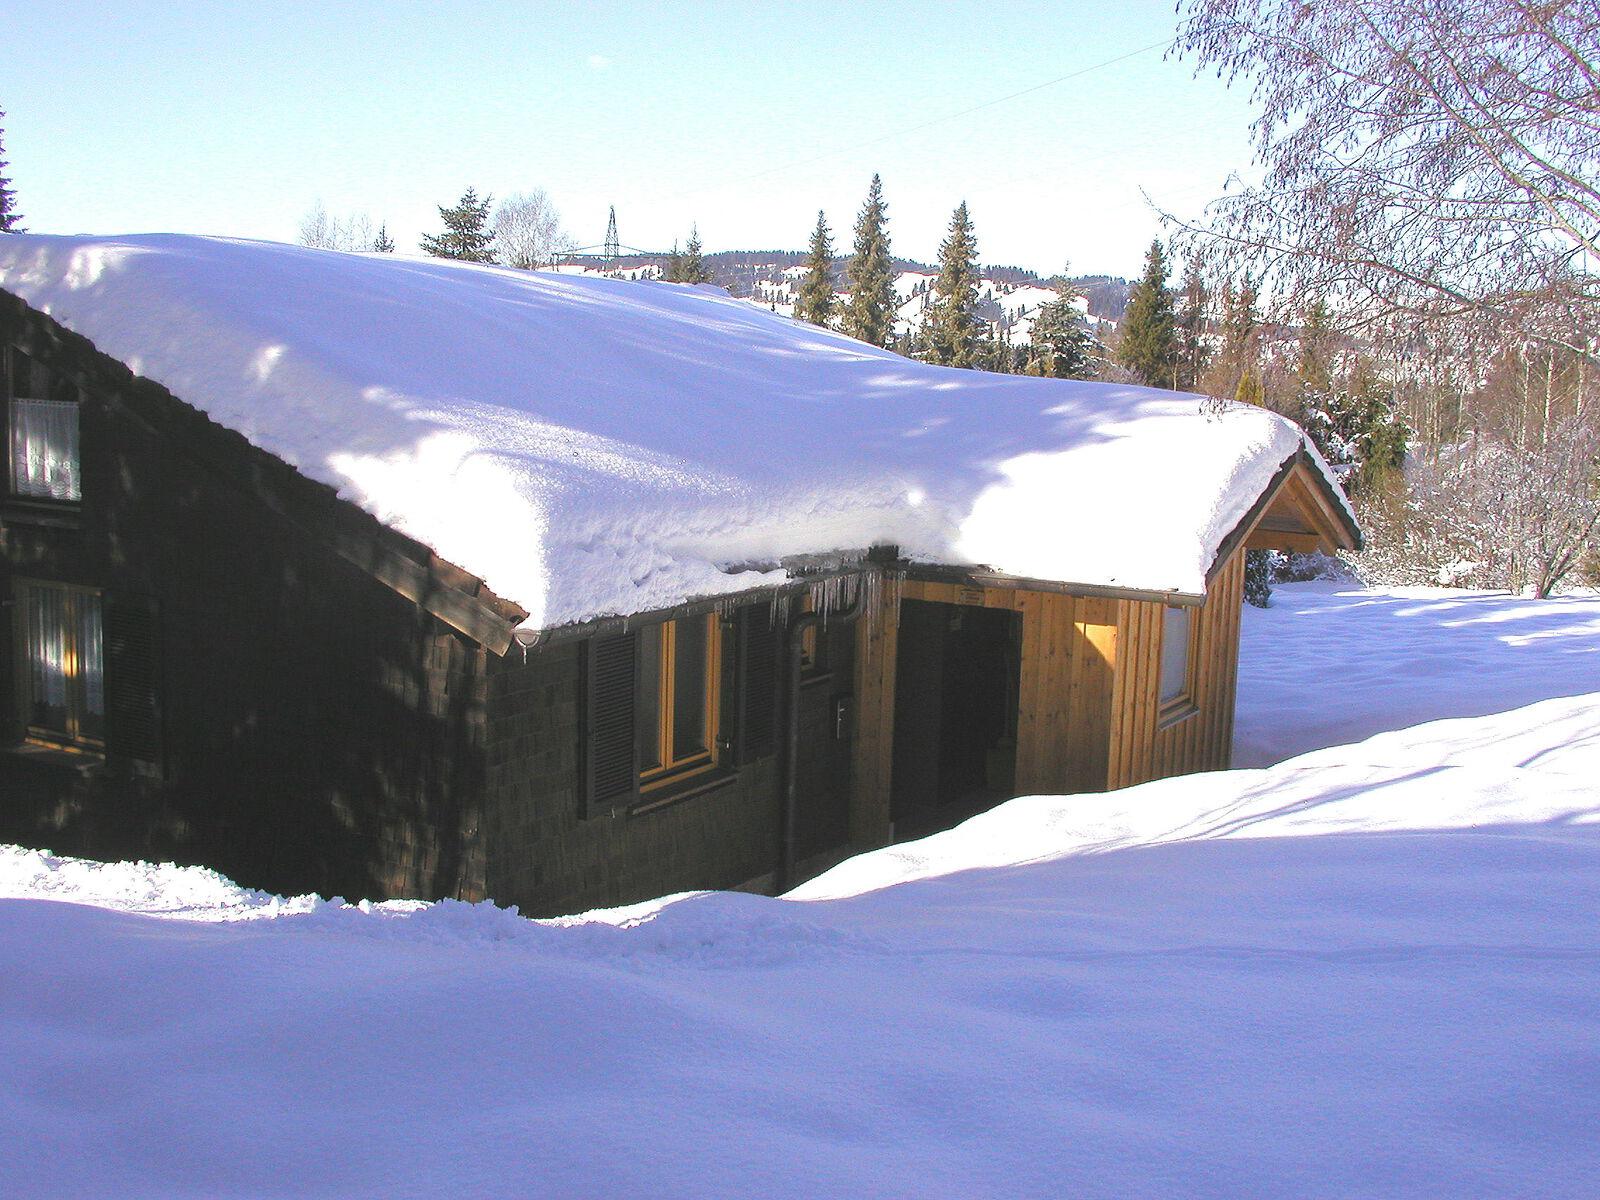 Eingang im Winter: